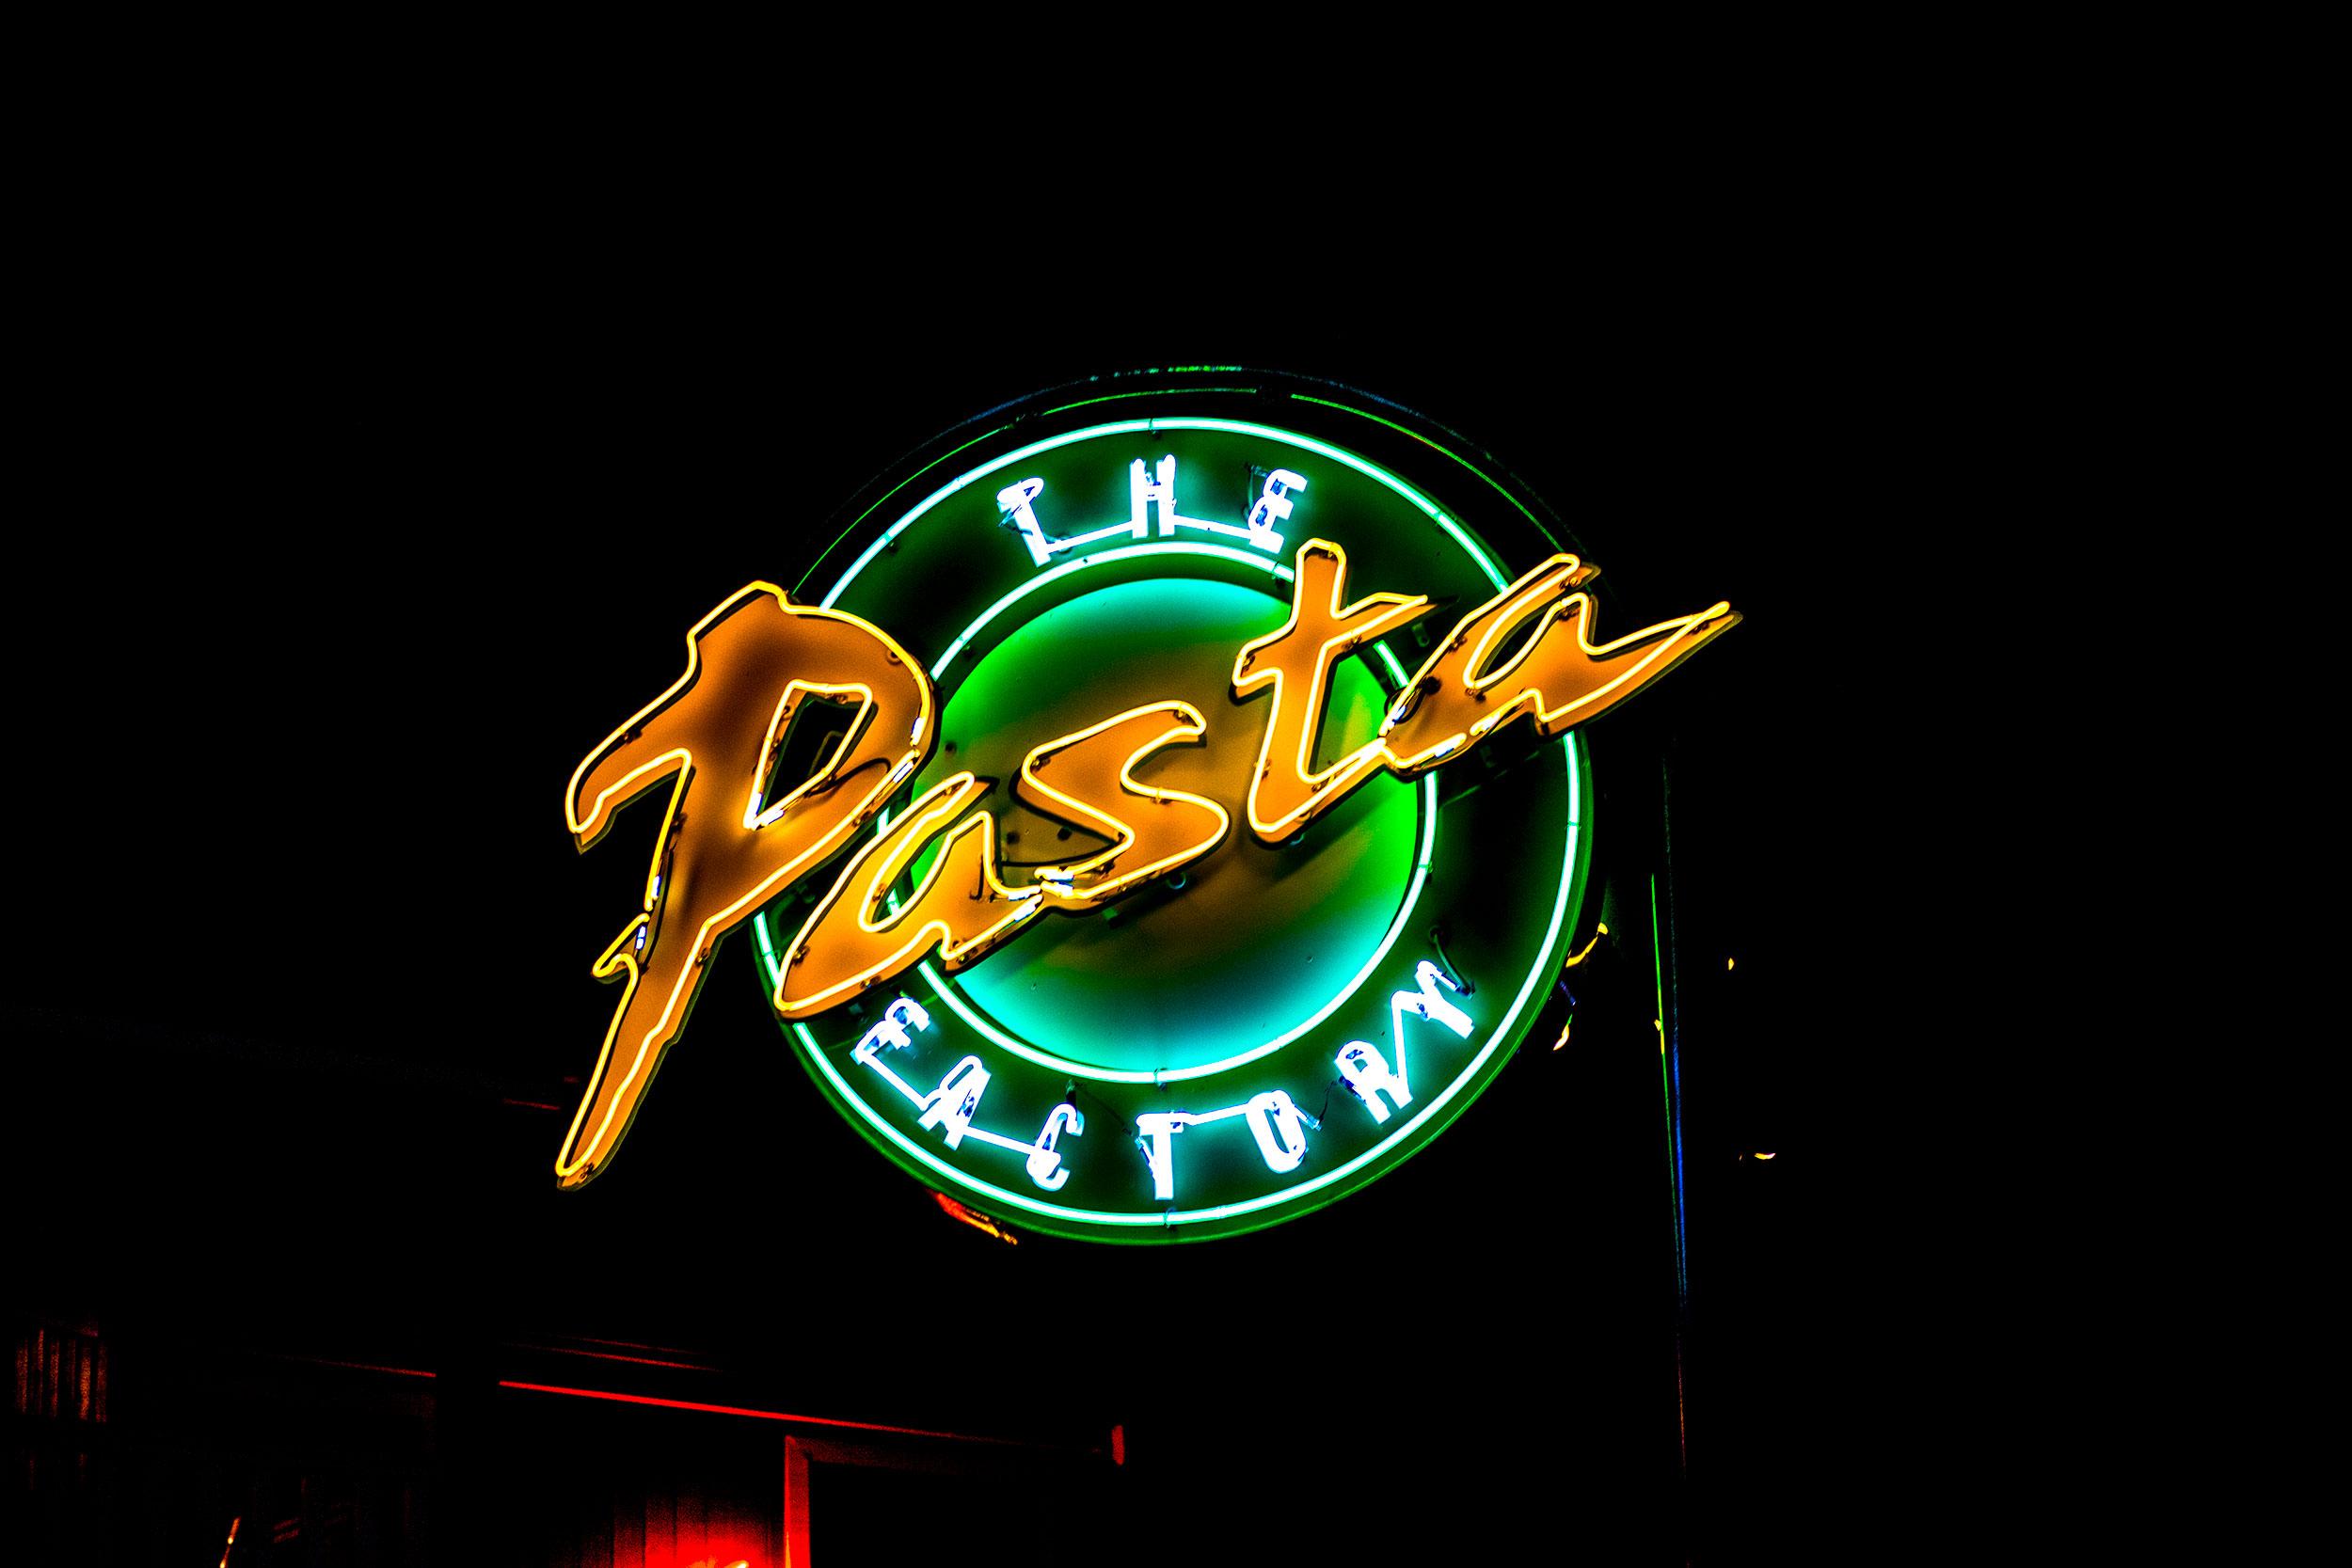 Pasta-Factory-Sign.jpg